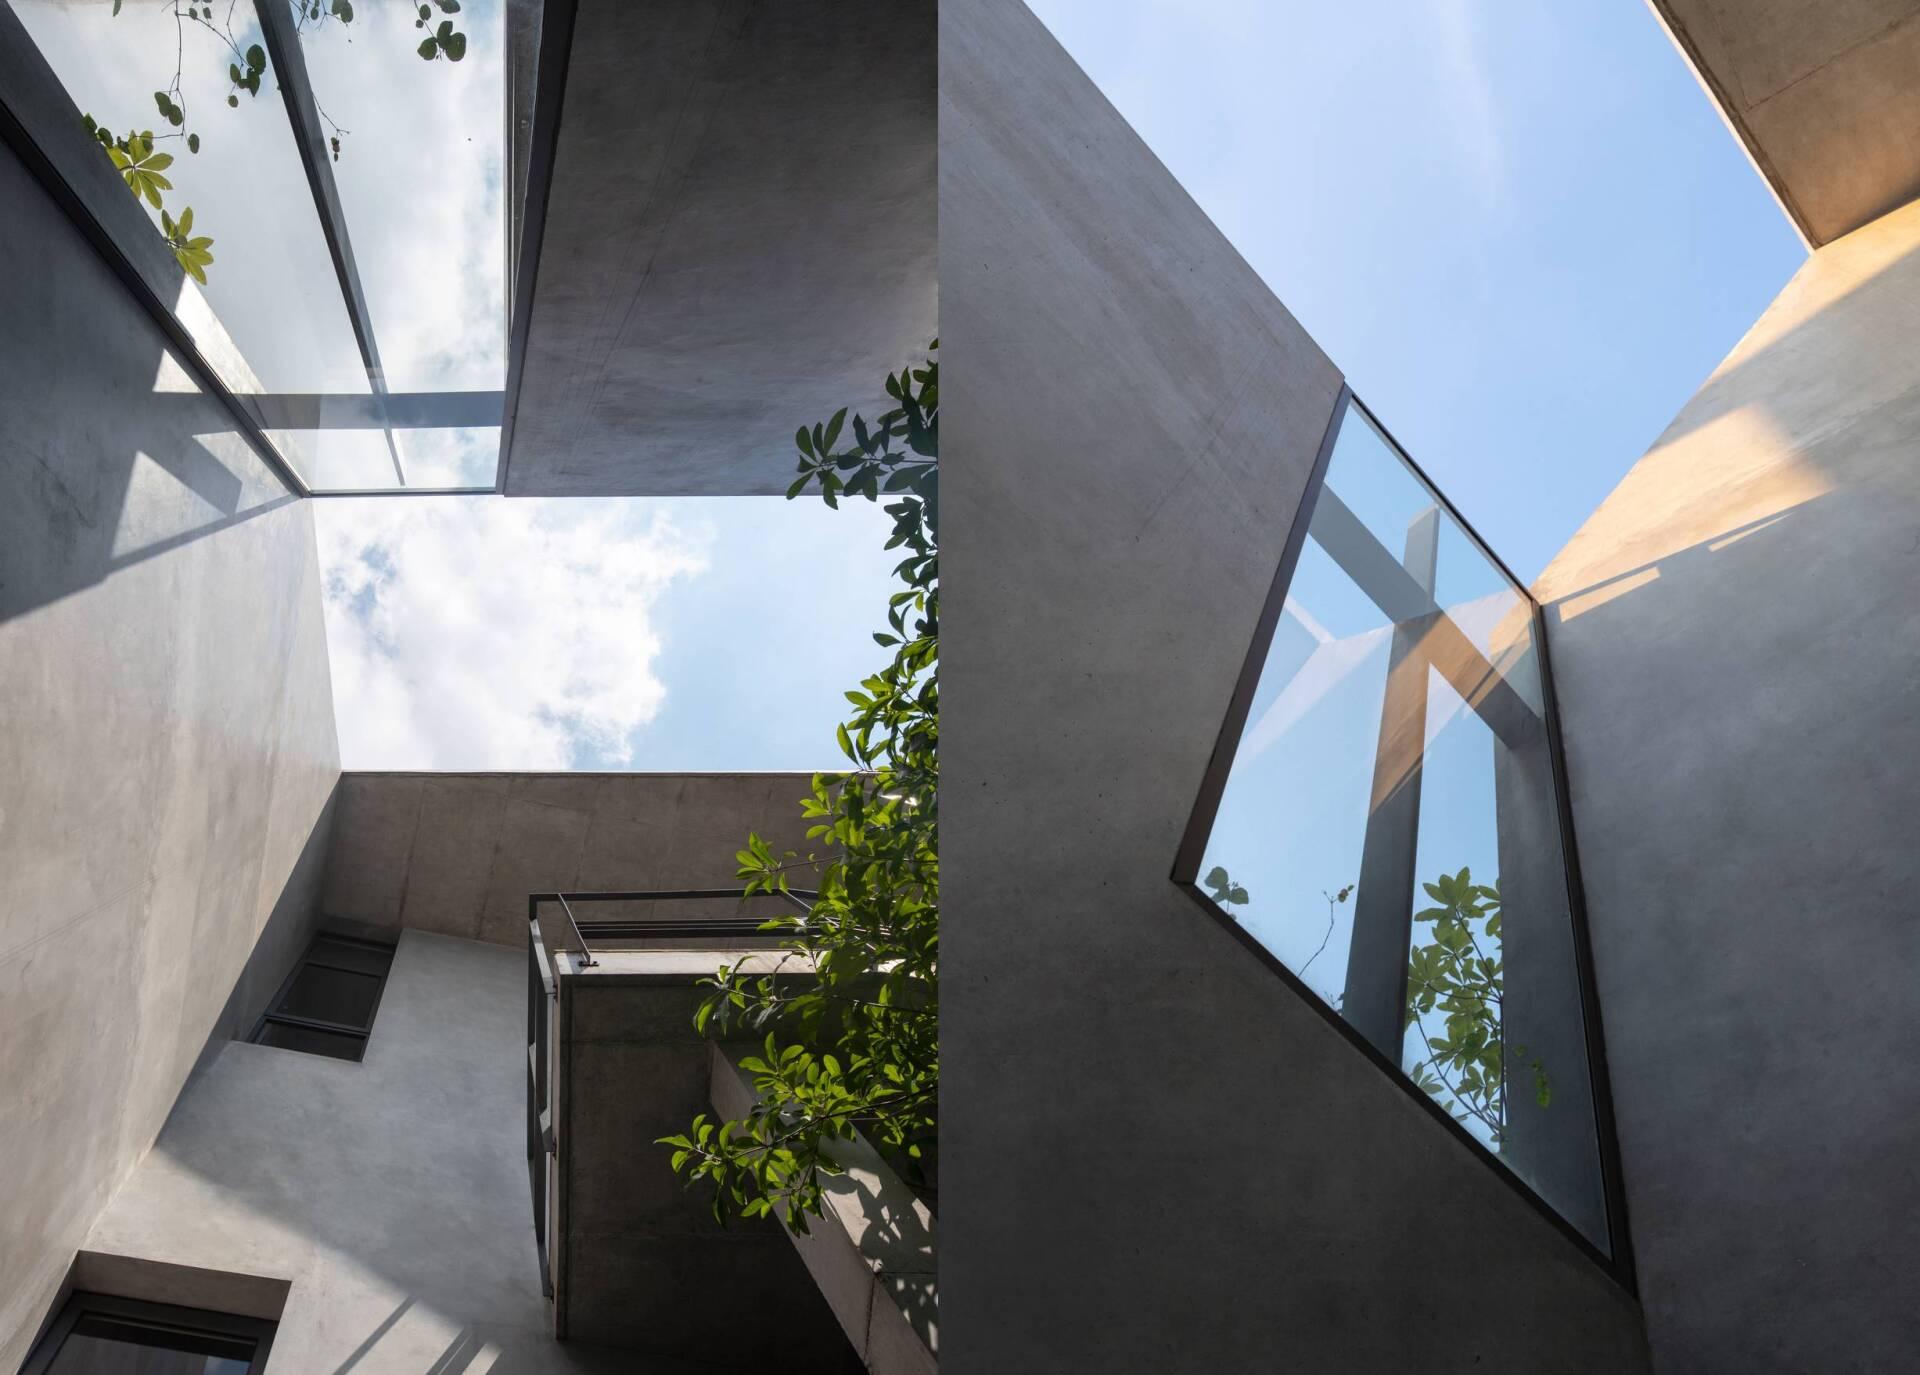 Các tấm kính lớn mang ánh sáng đi xuyên suốt nhà, xóa mờ ranh giới giữa không gian bên trong và bên ngoài